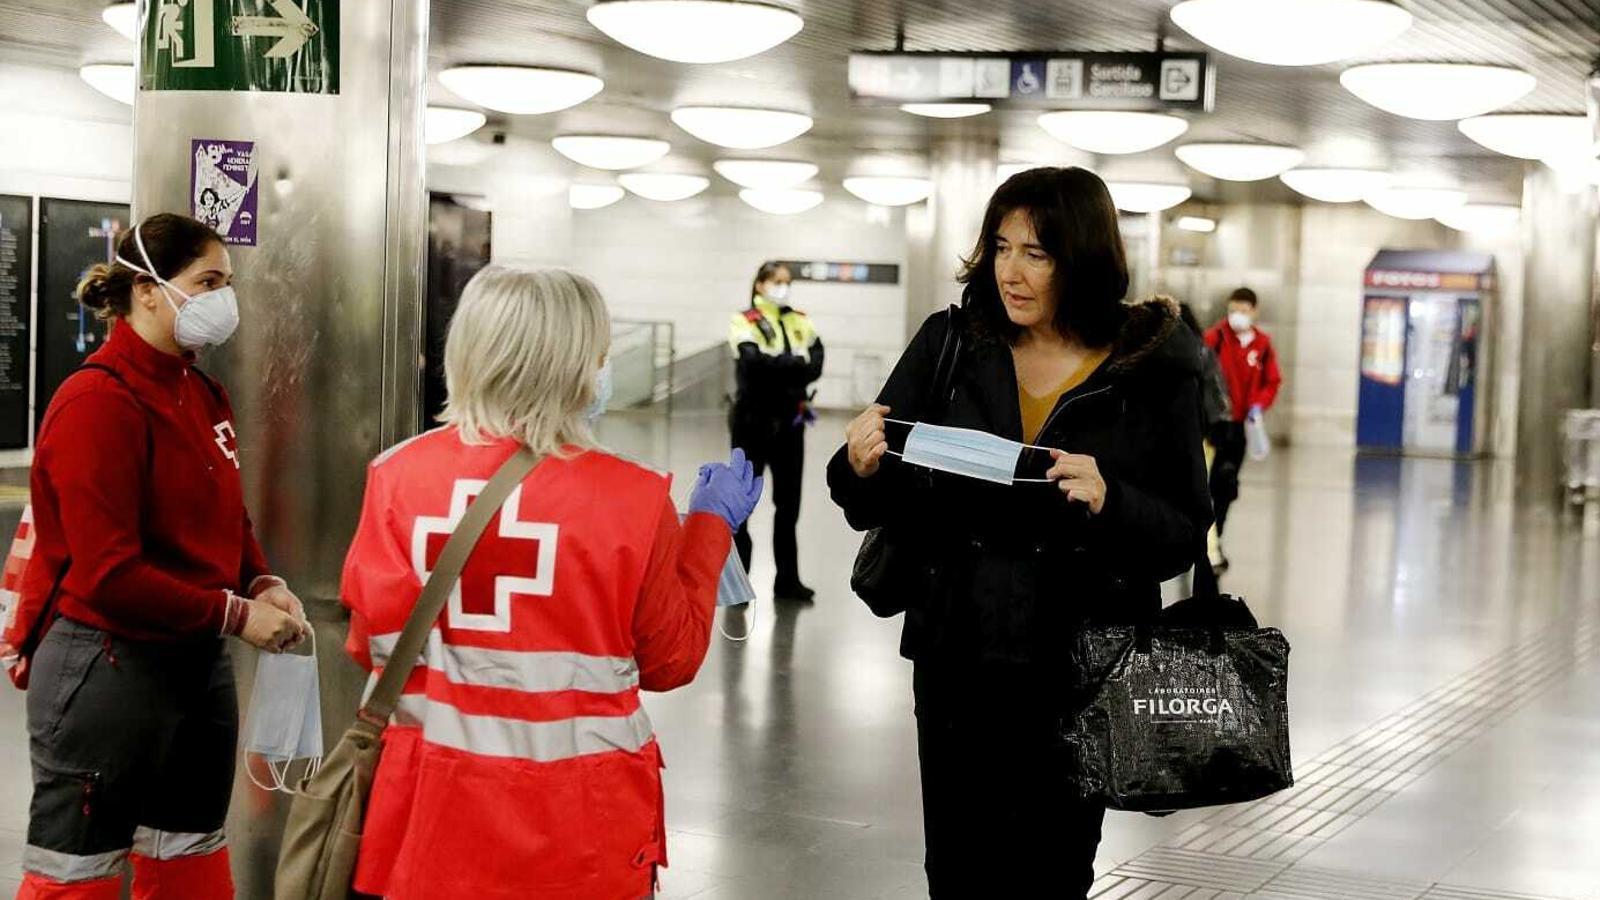 Poca afluència de gent al transport públic en la tornada a la feina